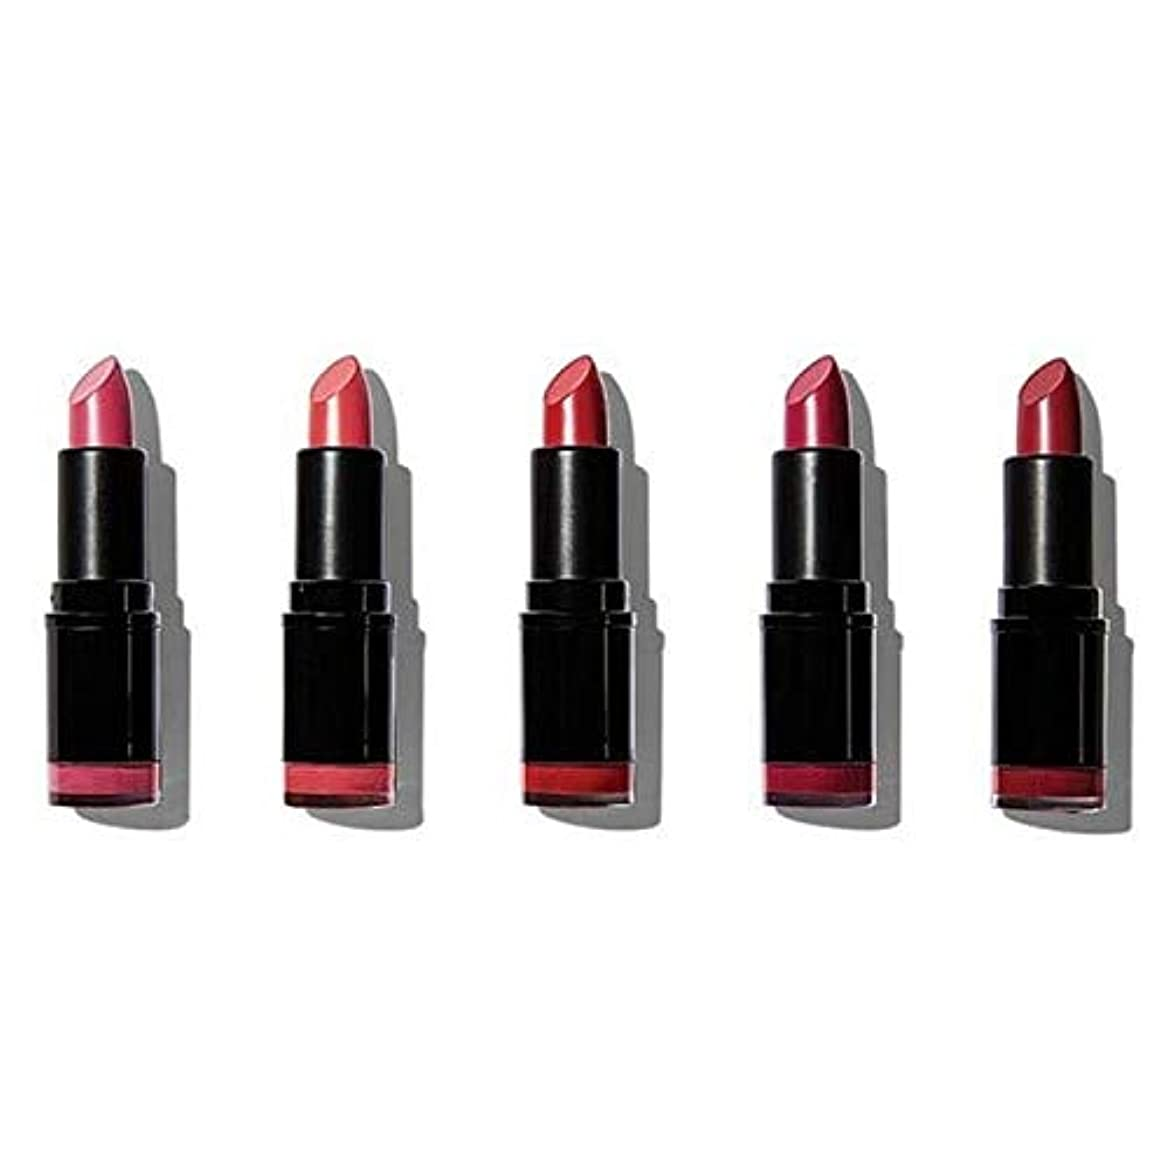 熟考するおとなしい好奇心[Revolution ] 革命プロ口紅のコレクションマット赤 - Revolution Pro Lipstick Collection Matte Reds [並行輸入品]